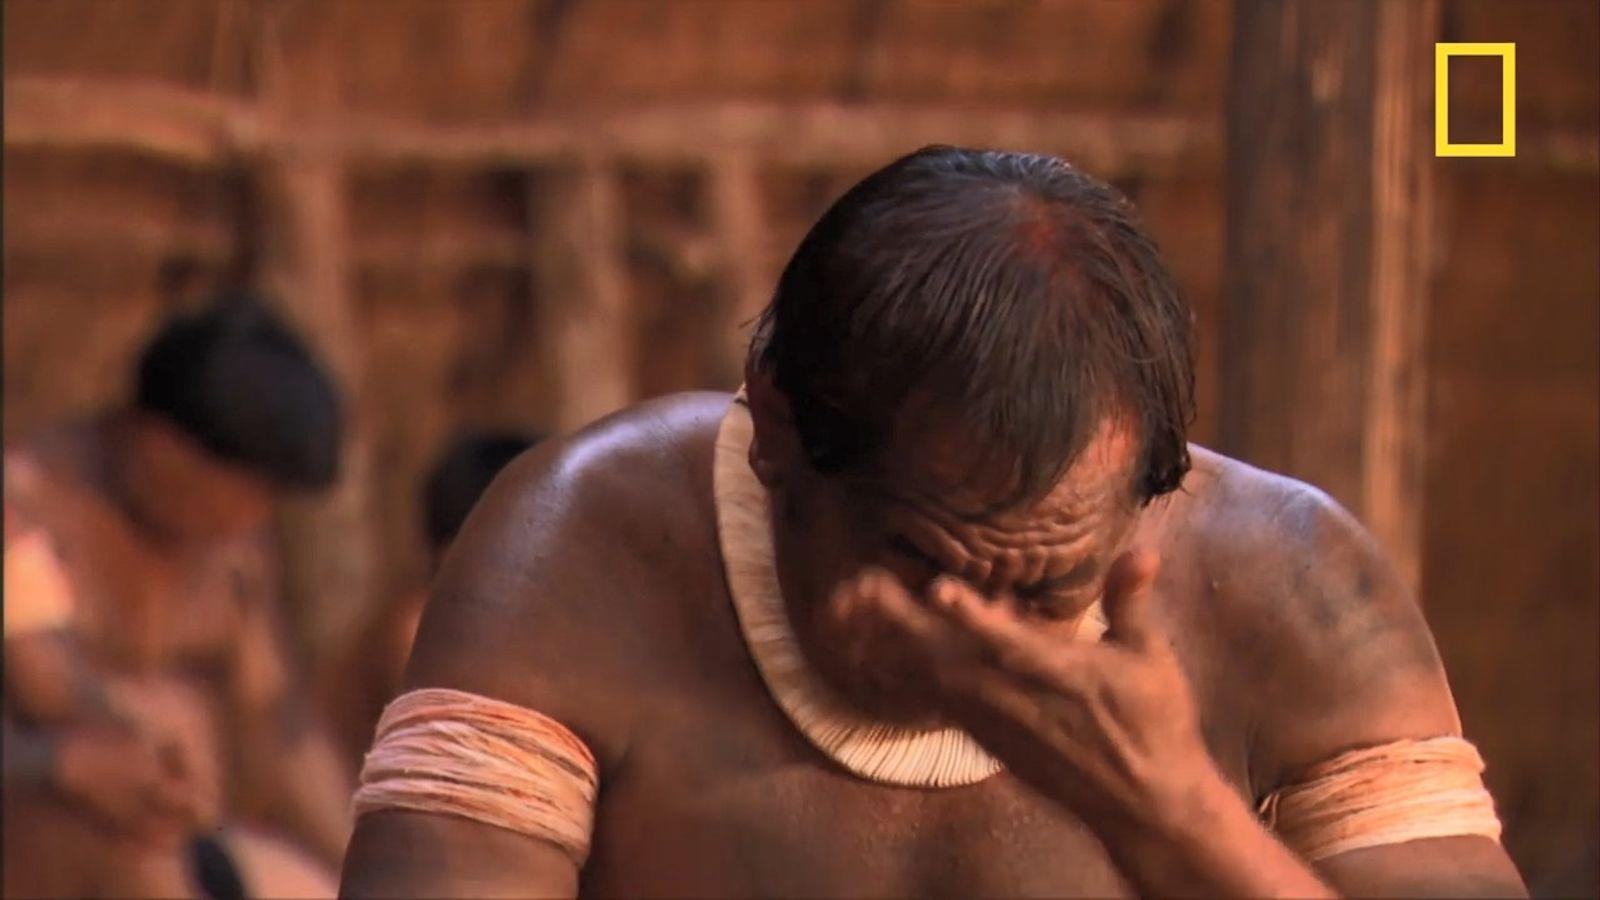 La déforestation, ce mal qui ronge l'Amazonie et ses peuples